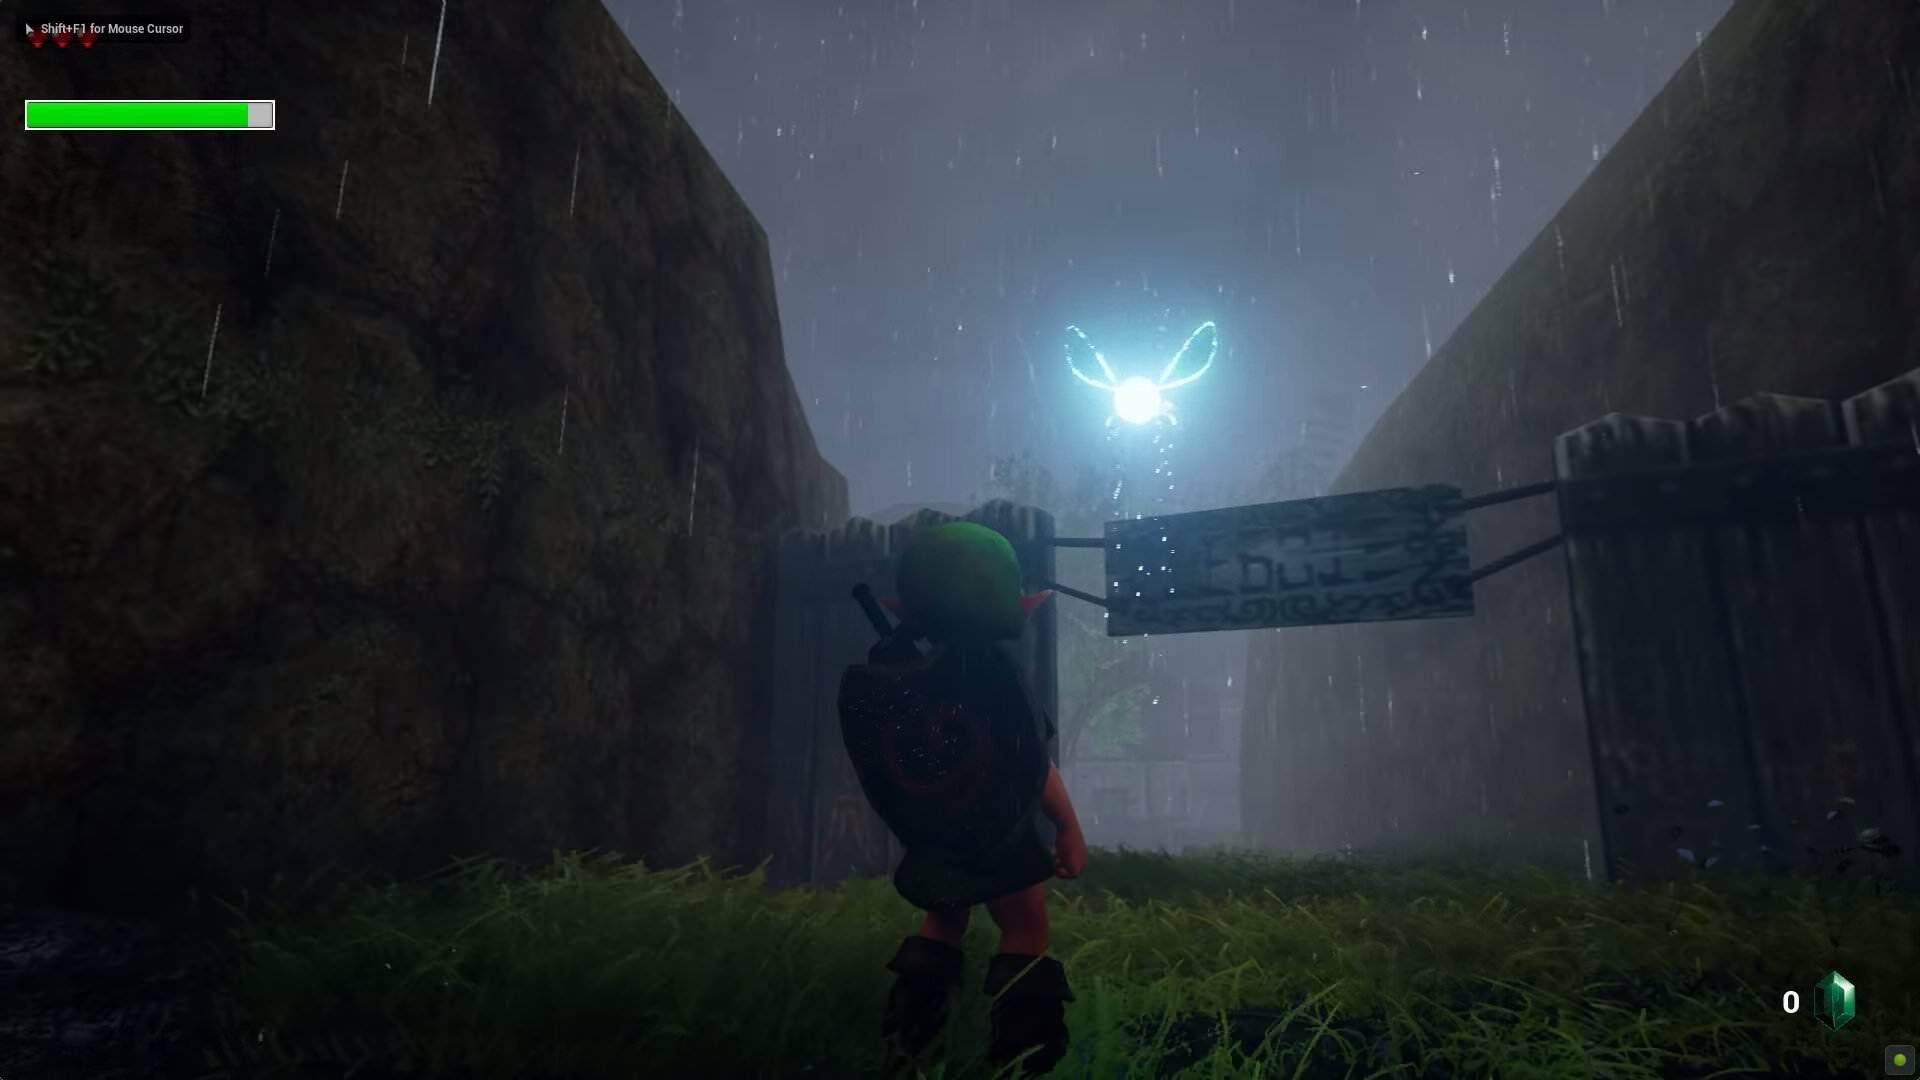 マジでリアルすぎる!Unreal Engine 4で「ゼルダの伝説 時のオカリナ」カカリコ村がすごい!